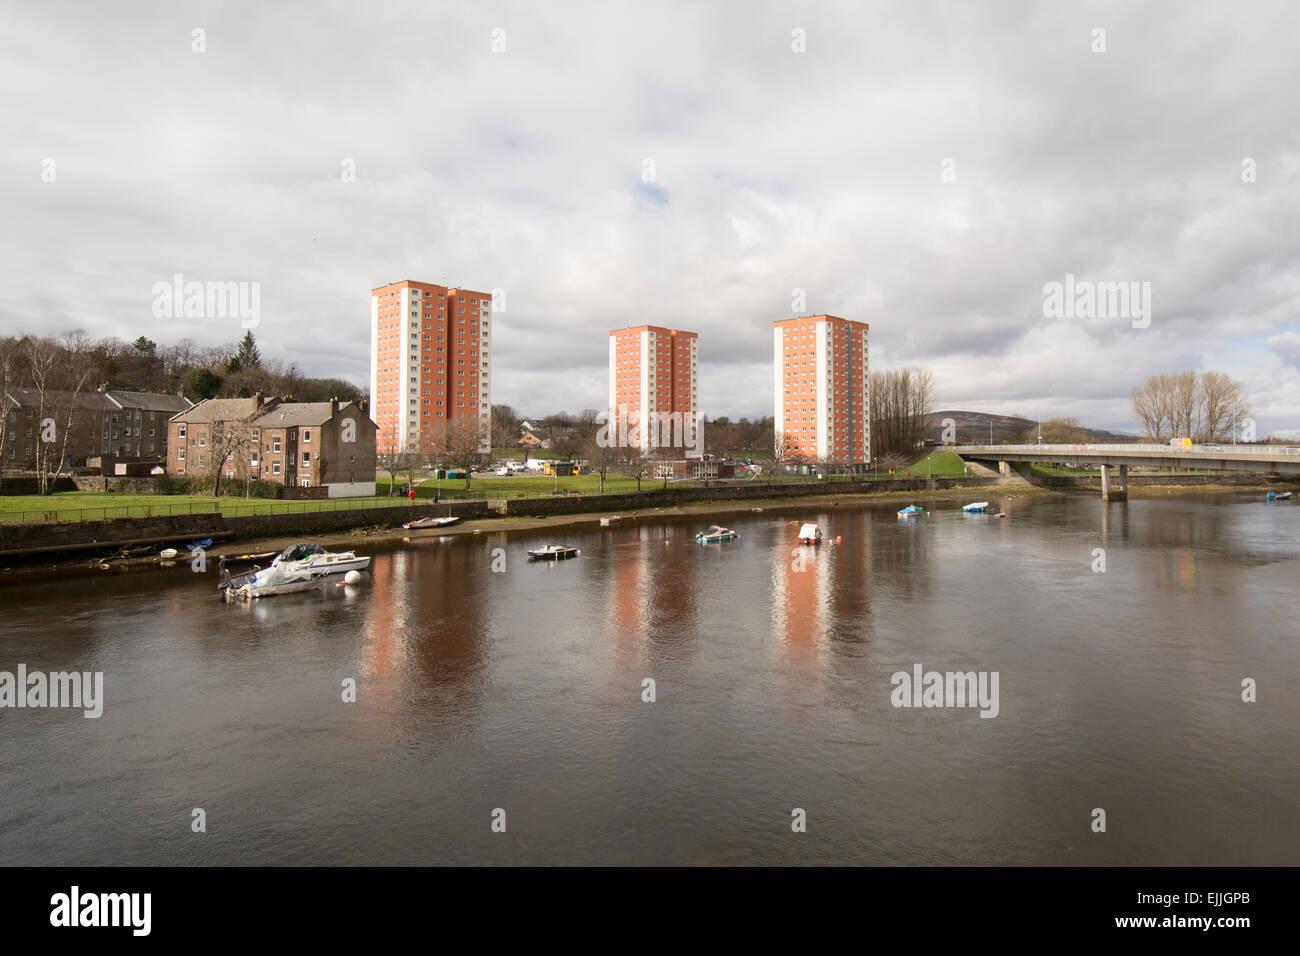 Neu renoviert und isoliert Hochhaus Wohnungen spiegelt sich in den Fluss Leven, West Bridgend, Dumbarton, Schottland Stockbild